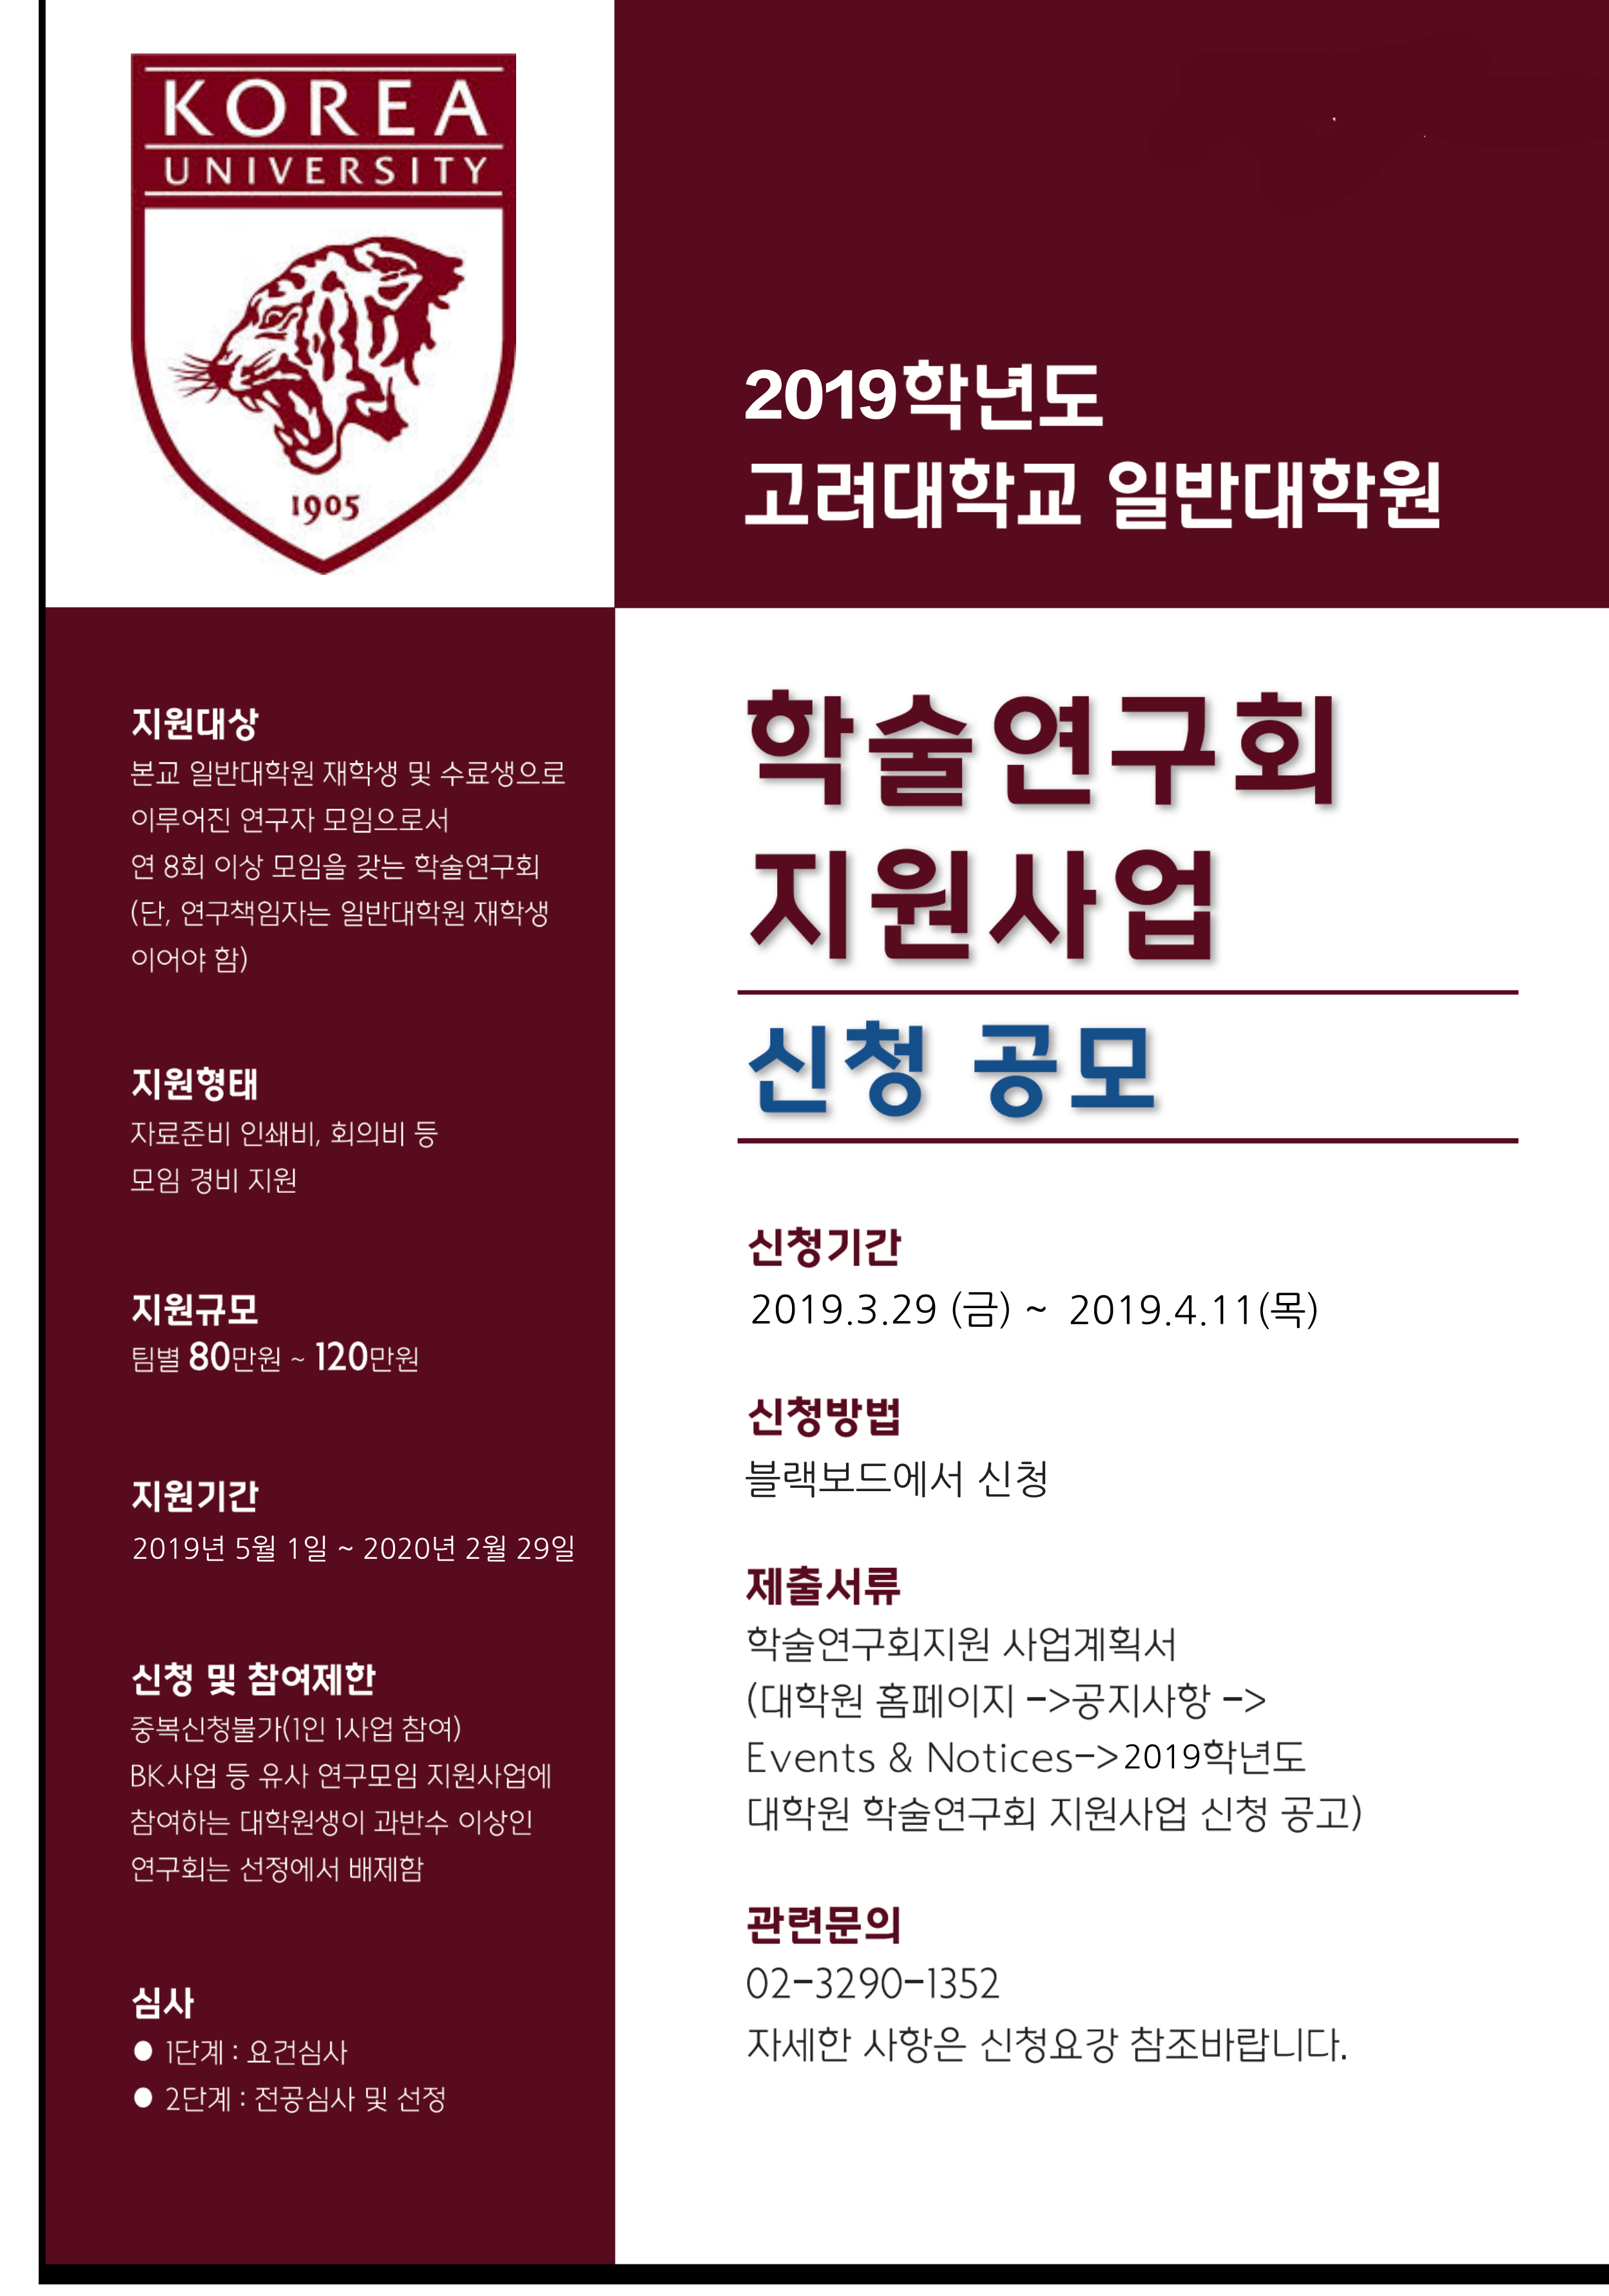 (new) 2019 대학원학술연구회지원사업포스터.png